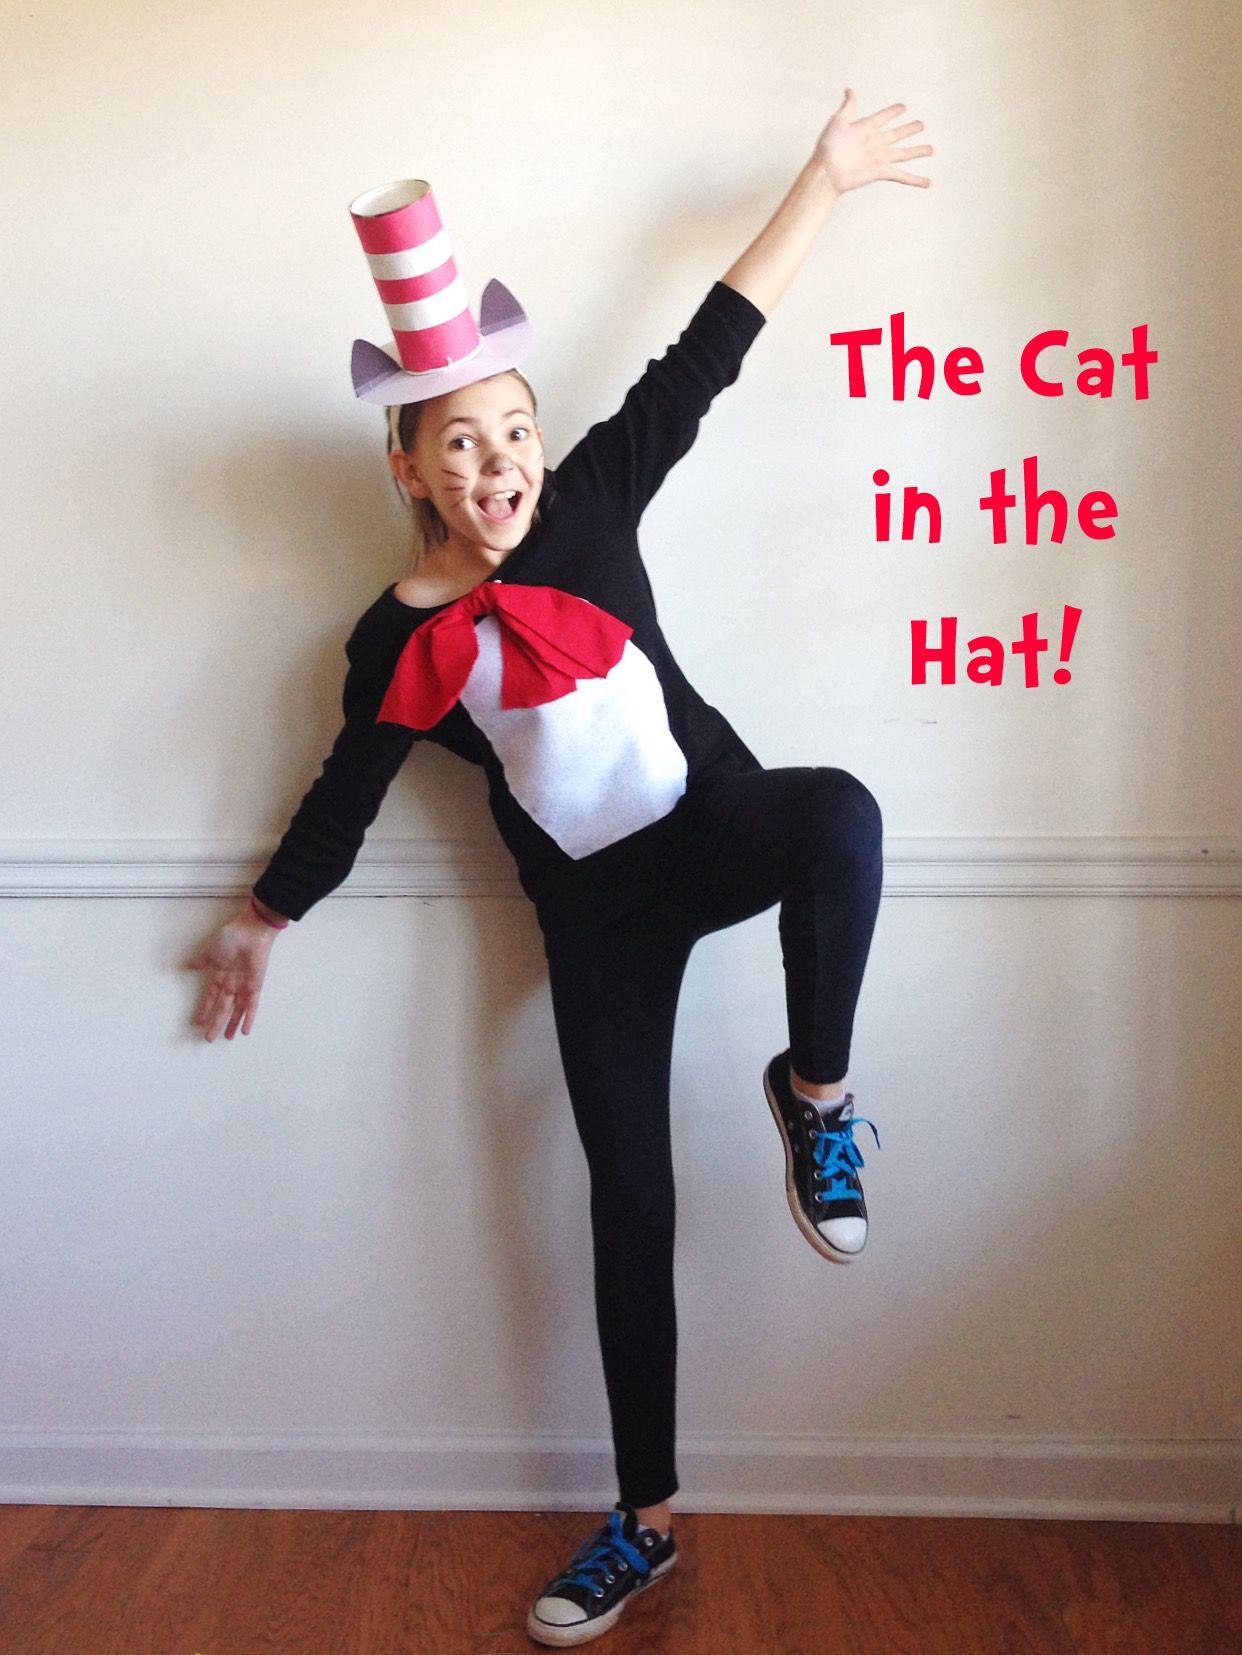 DIY Cat in the Hat costume. Black shirt and leggings